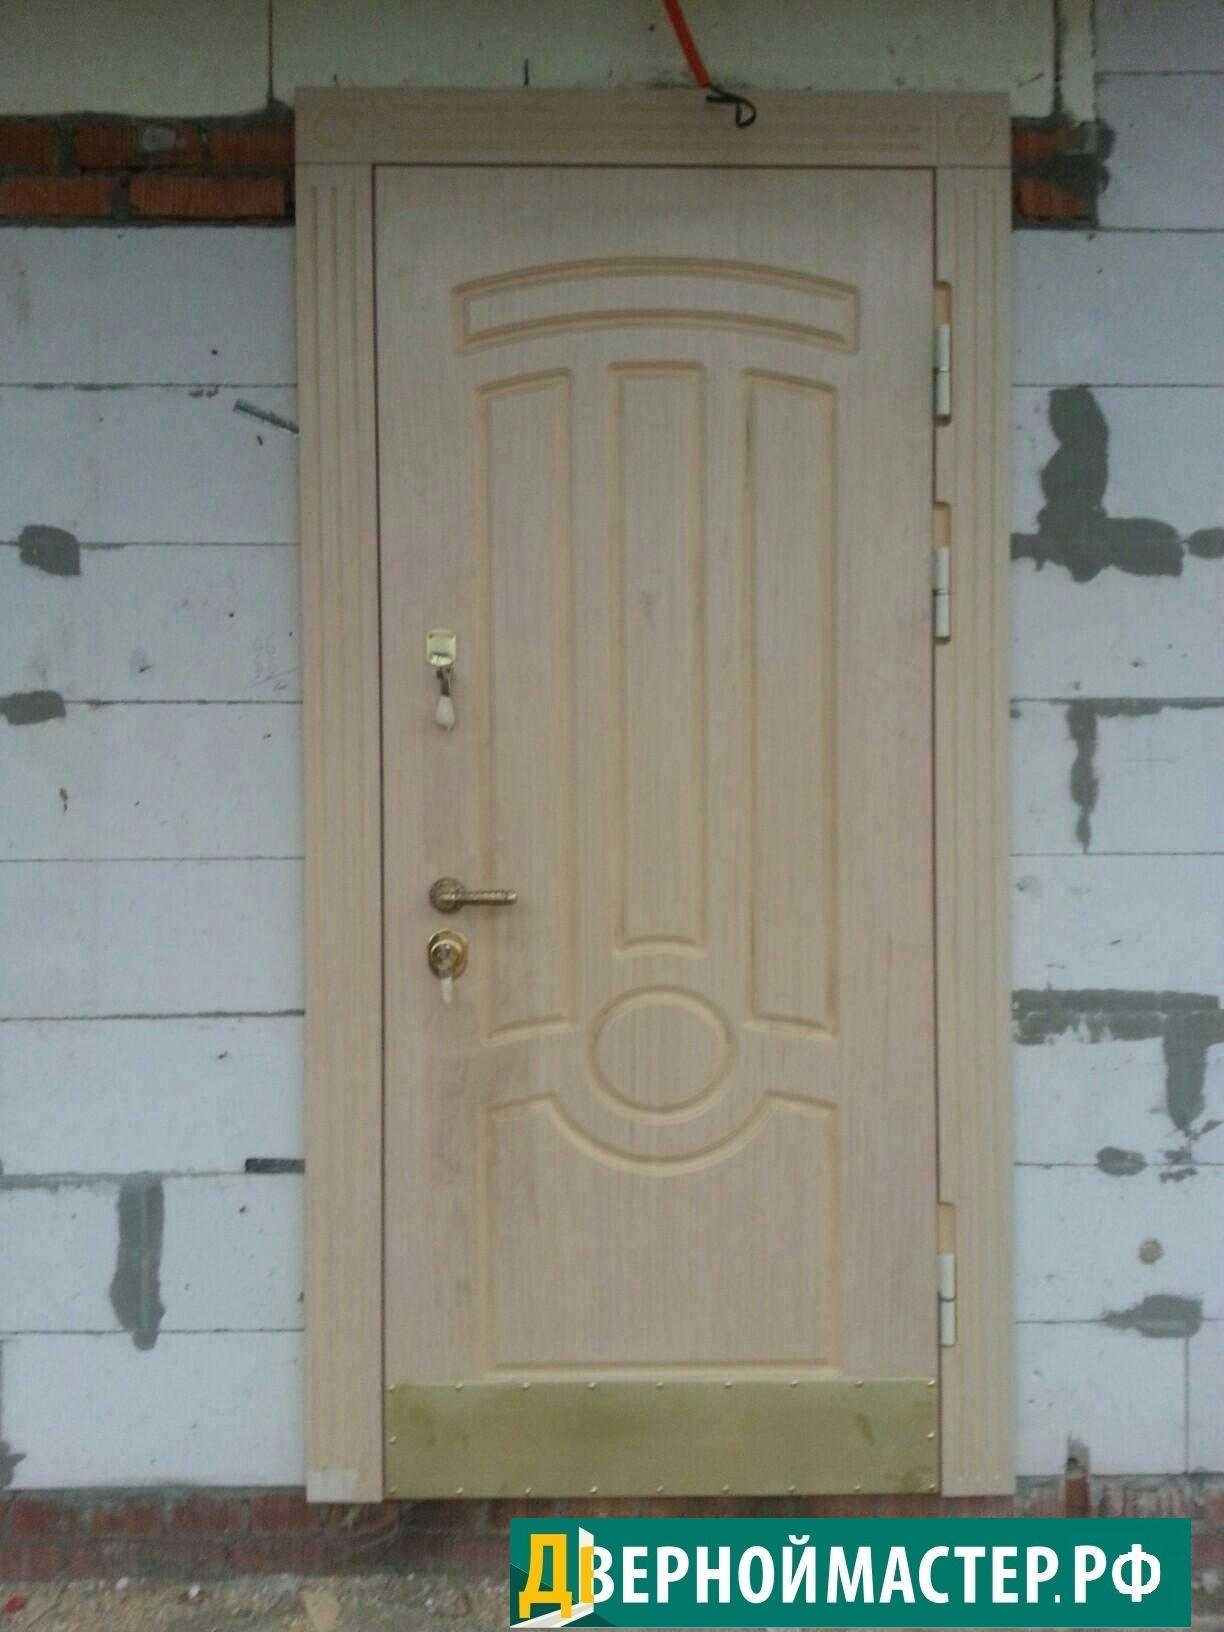 Металлическая дверь с классическим дизайном для частного дома наружная.